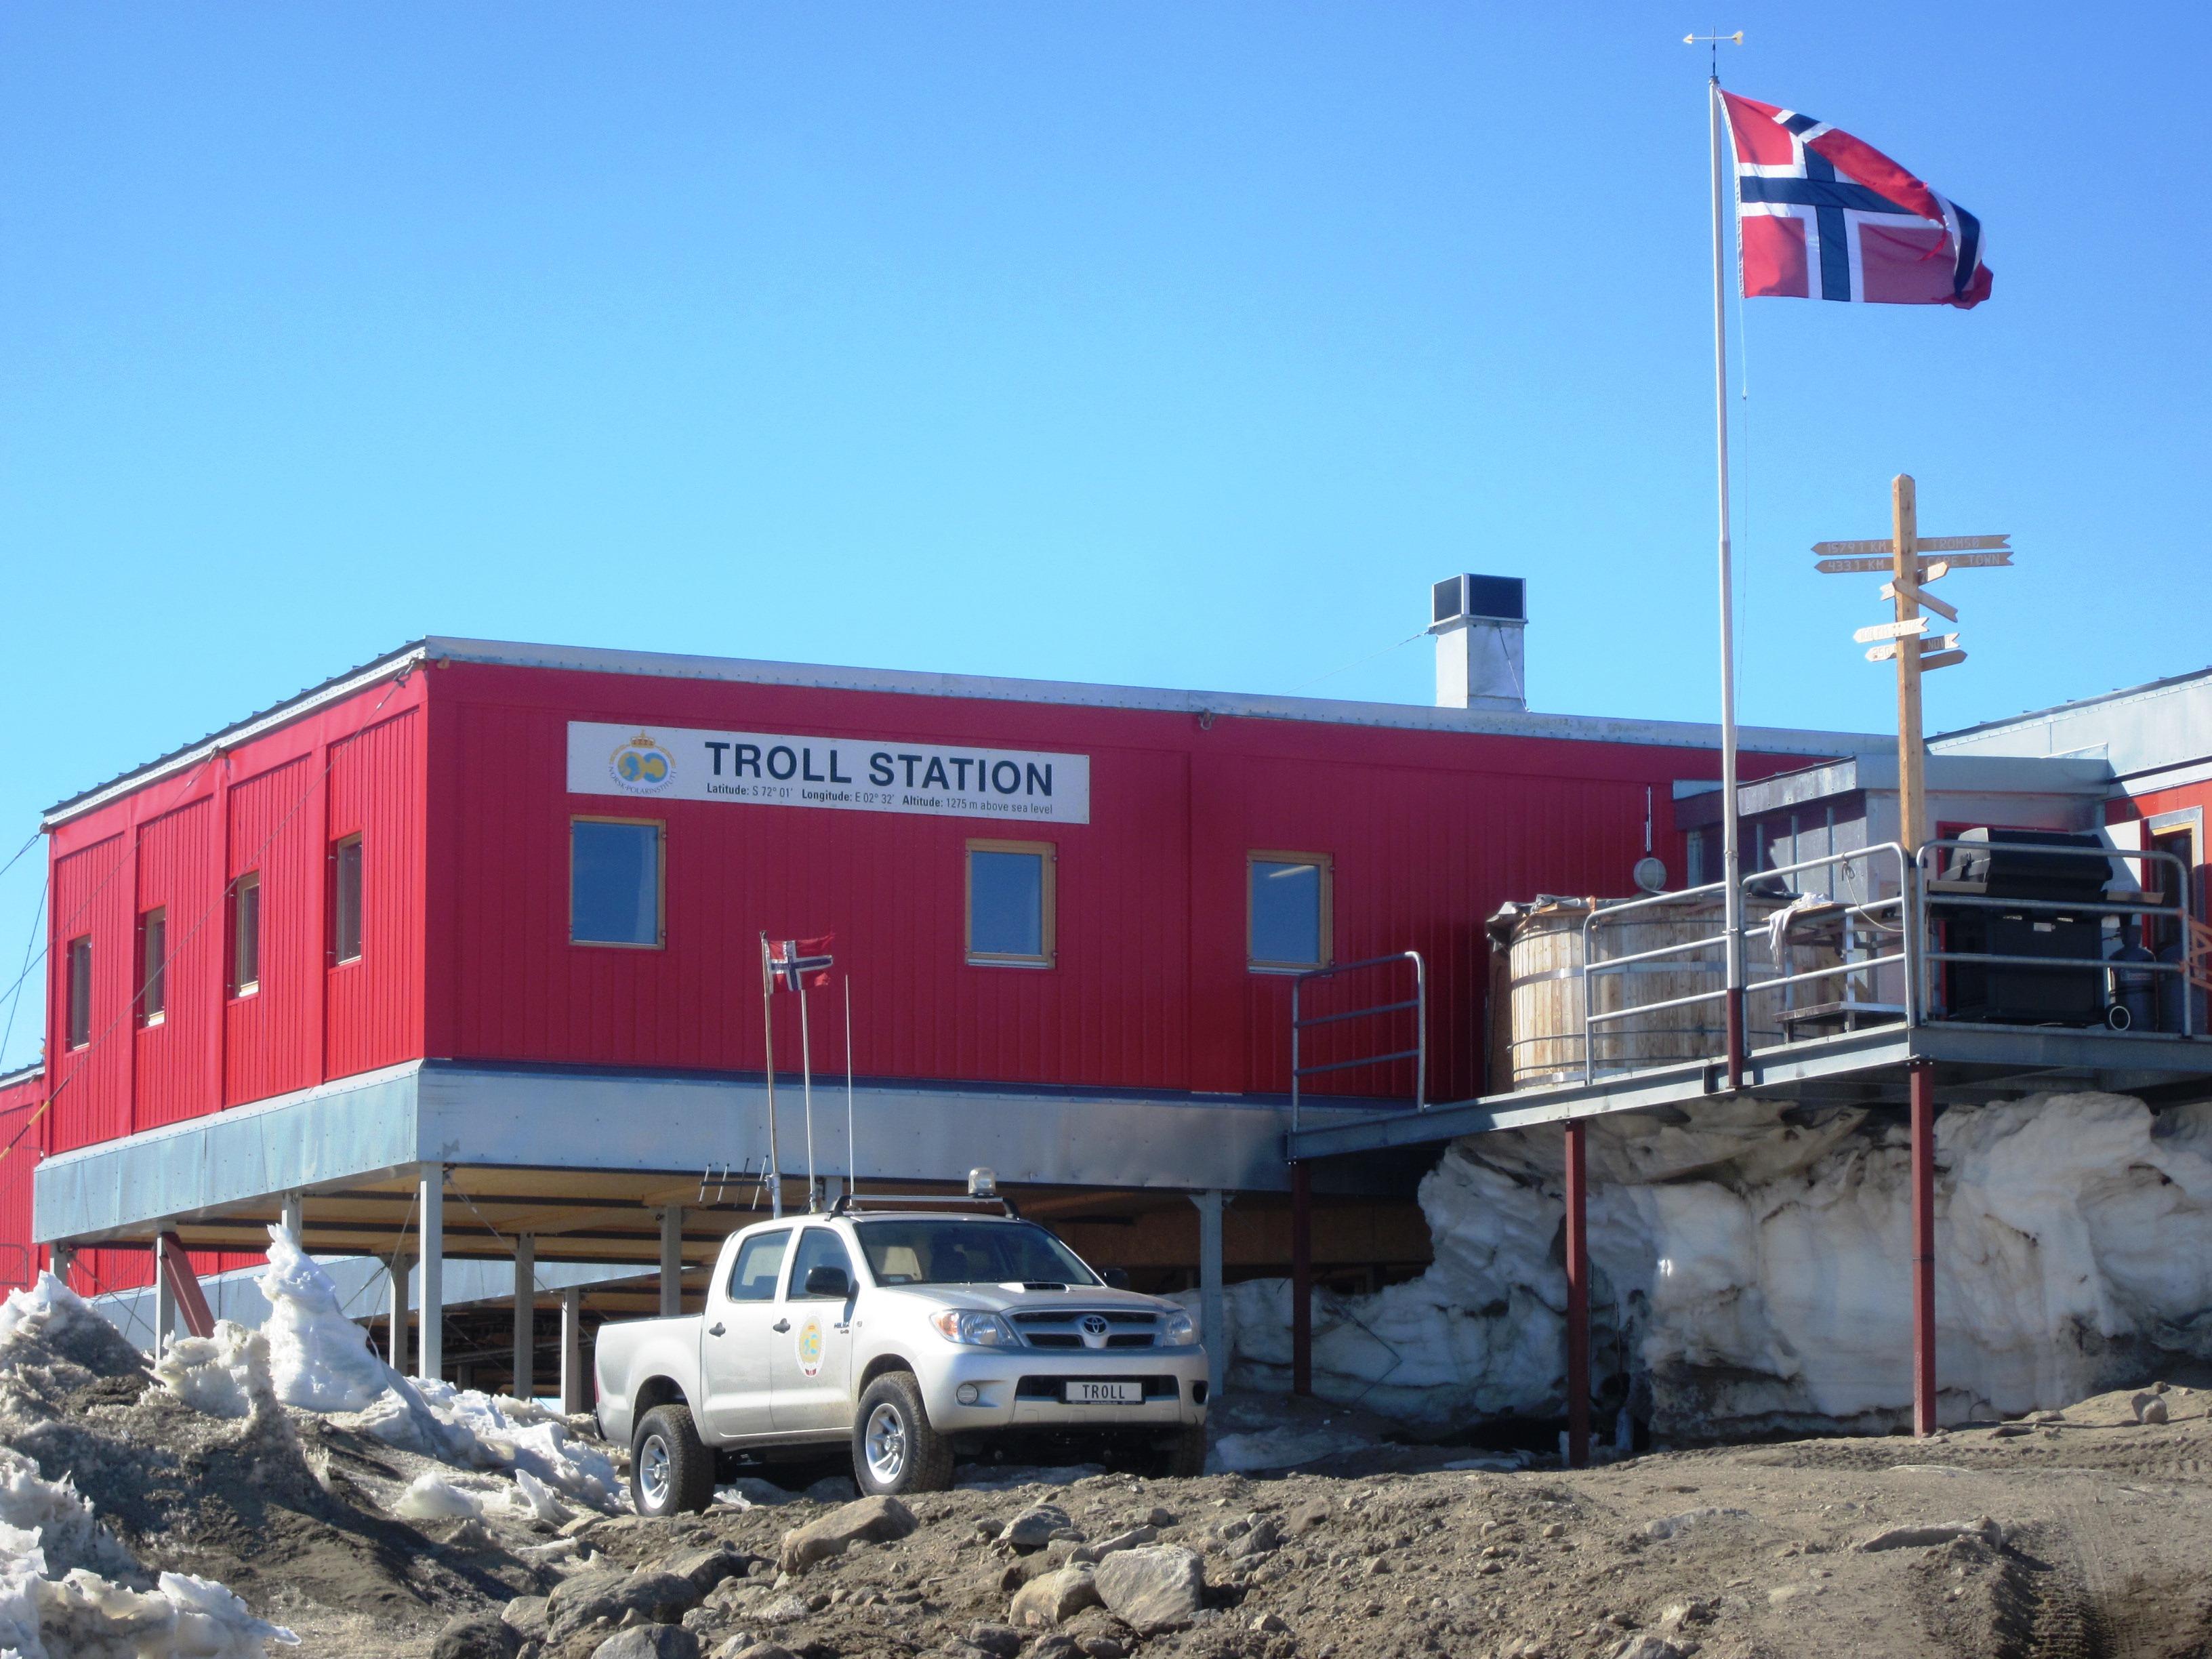 Ein Pick-Up mit Messgeräten auf der Ladefläche steht vor der norwegischen Antarktisstation Troll. Die Station steht auf Stelzen und ist rot. Der Name steht an der Vorderseite auf einem großen Schild. Vor dem Eingang weht die norwegische Flagge.